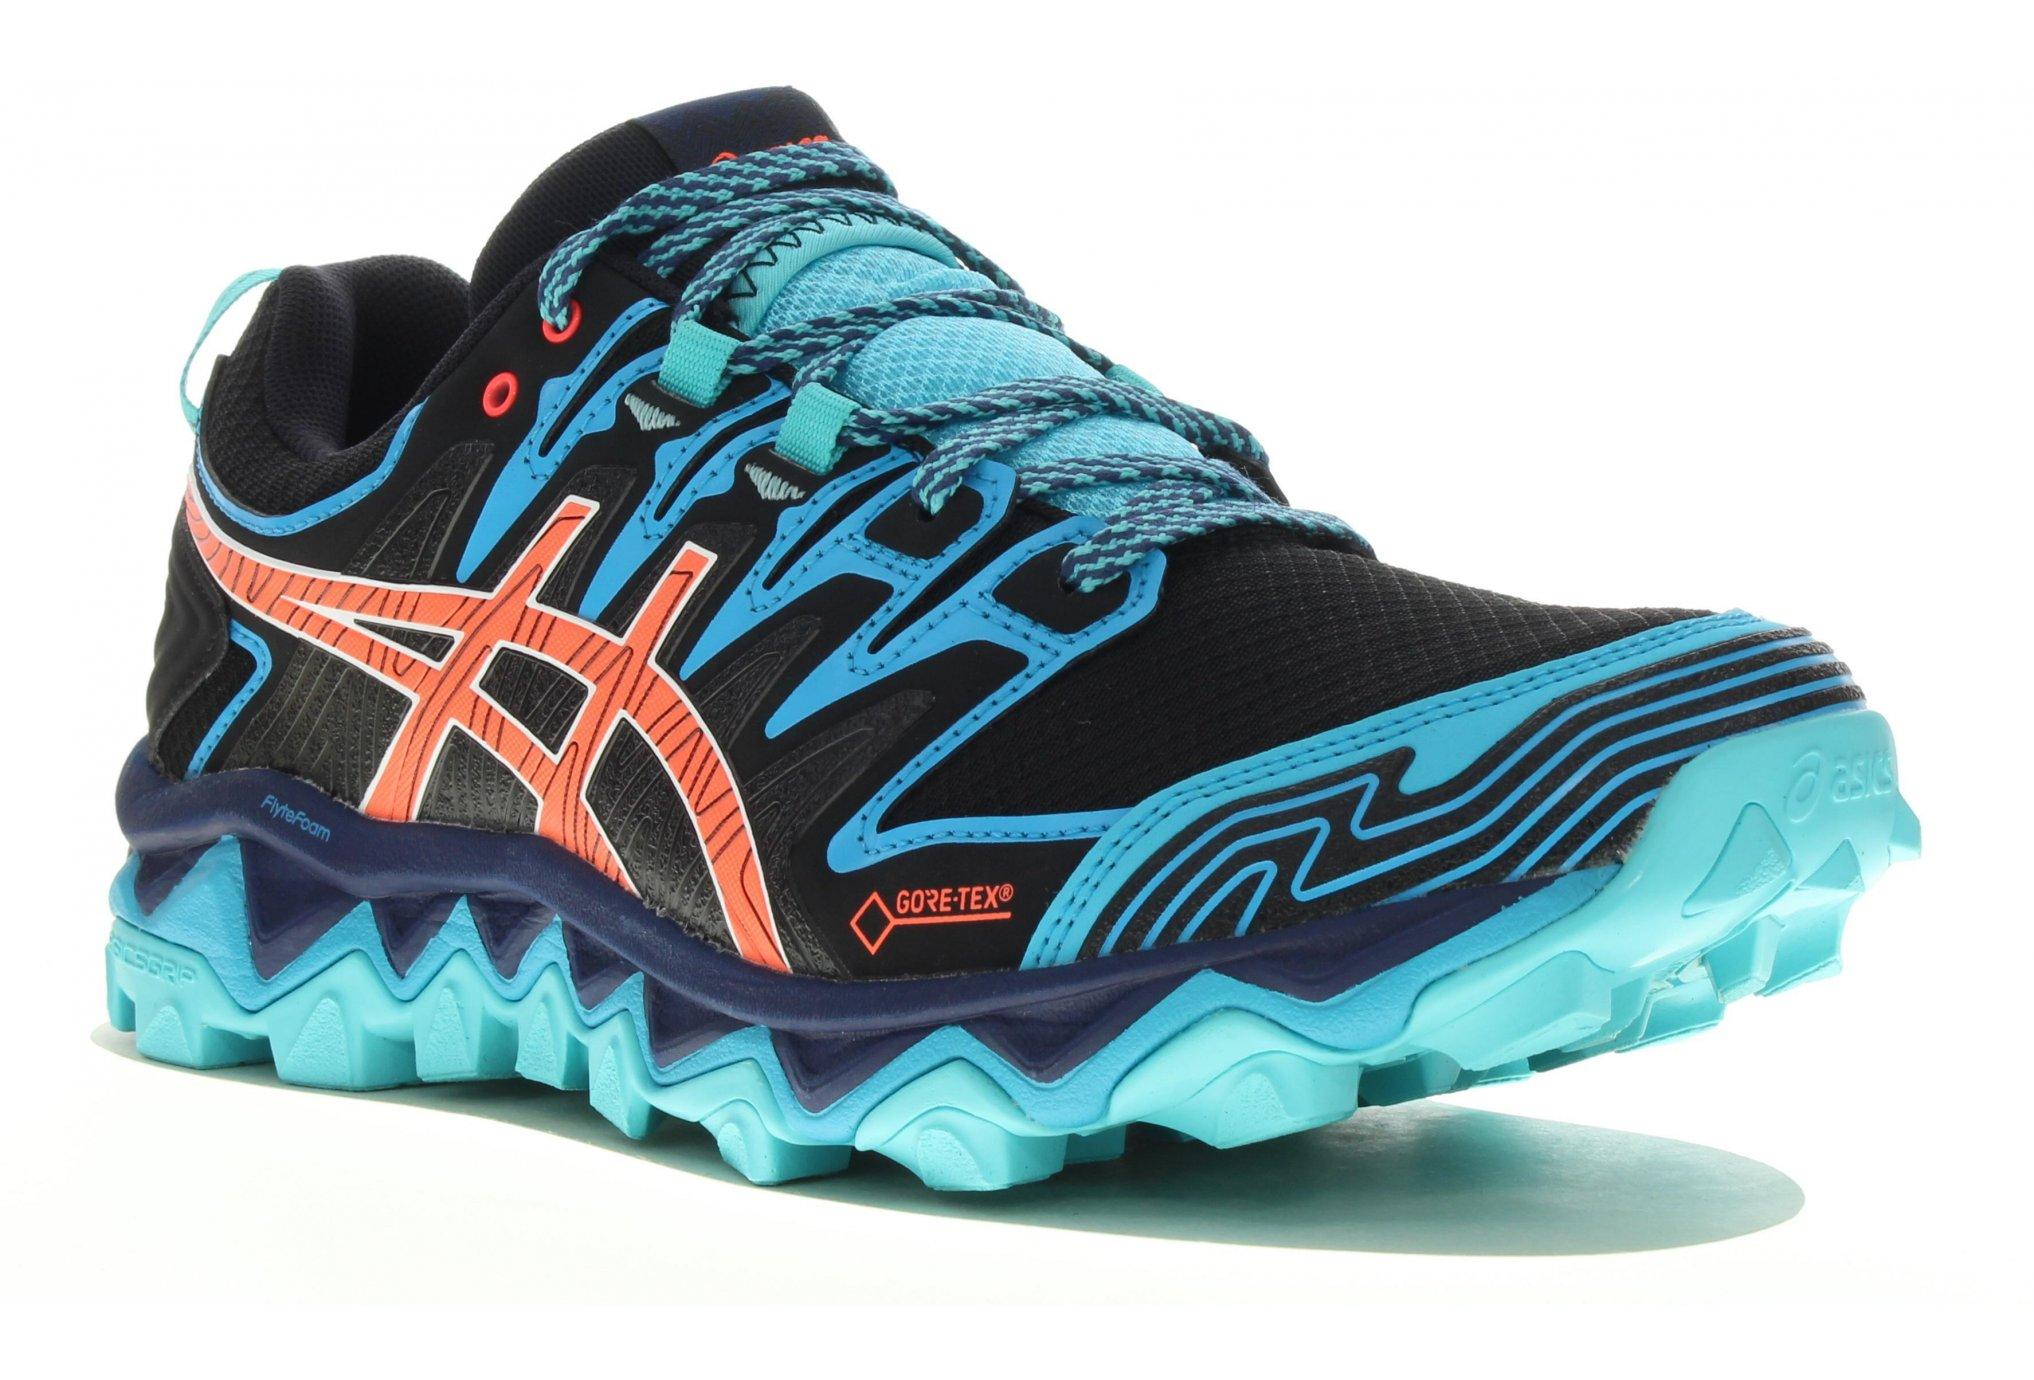 Asics Gel-Fujitrabuco 7 Gore-Tex Chaussures running femme